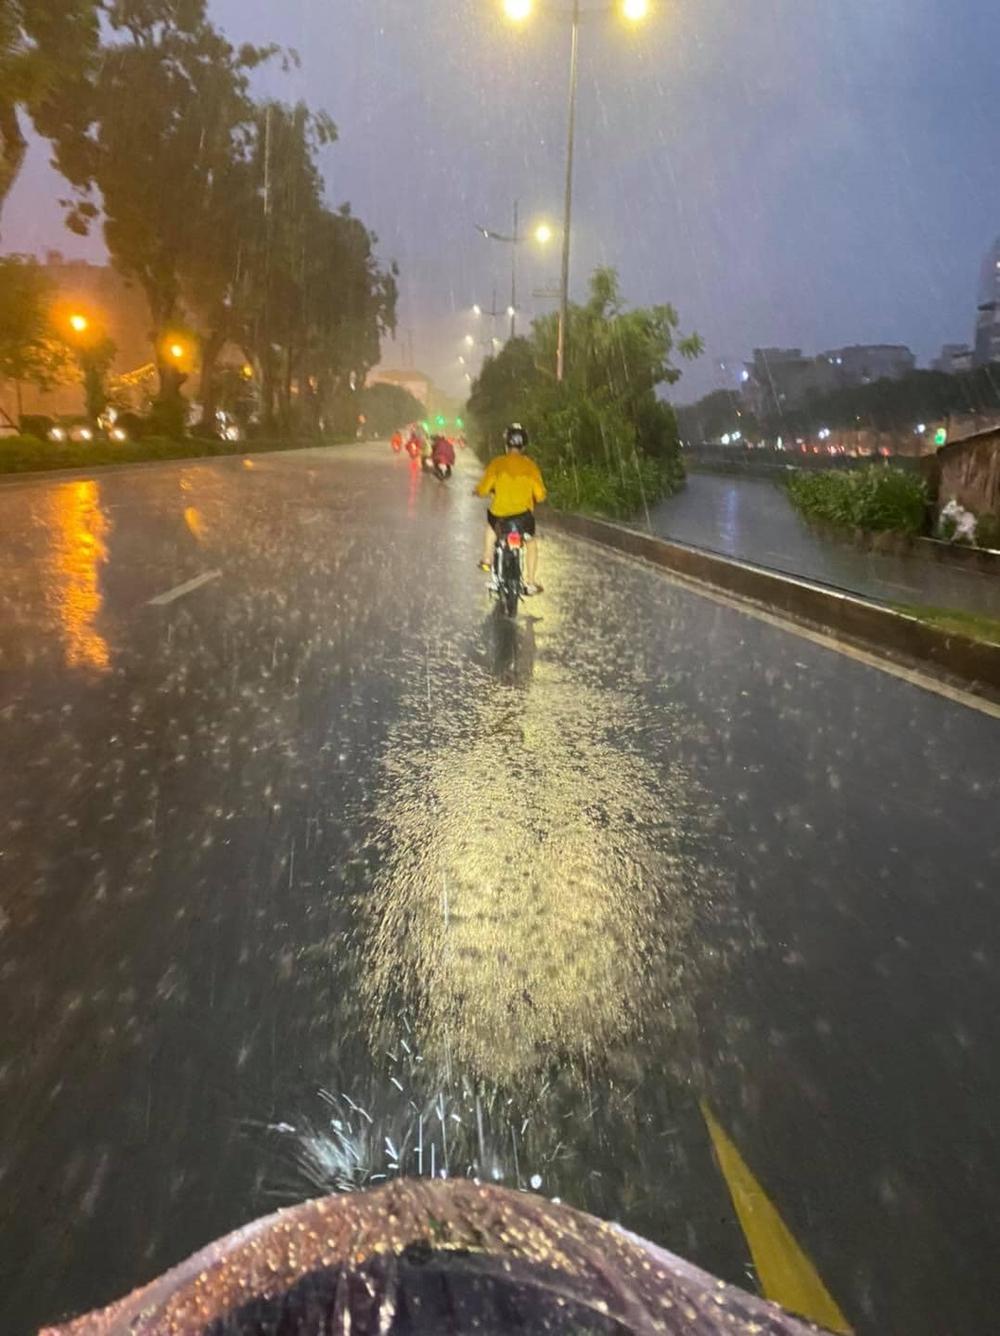 Gặp cậu bé đi đường, người đàn ông ráo riết đuổi theo giữa cơn mưa và có hành động lạ - Ảnh 1.